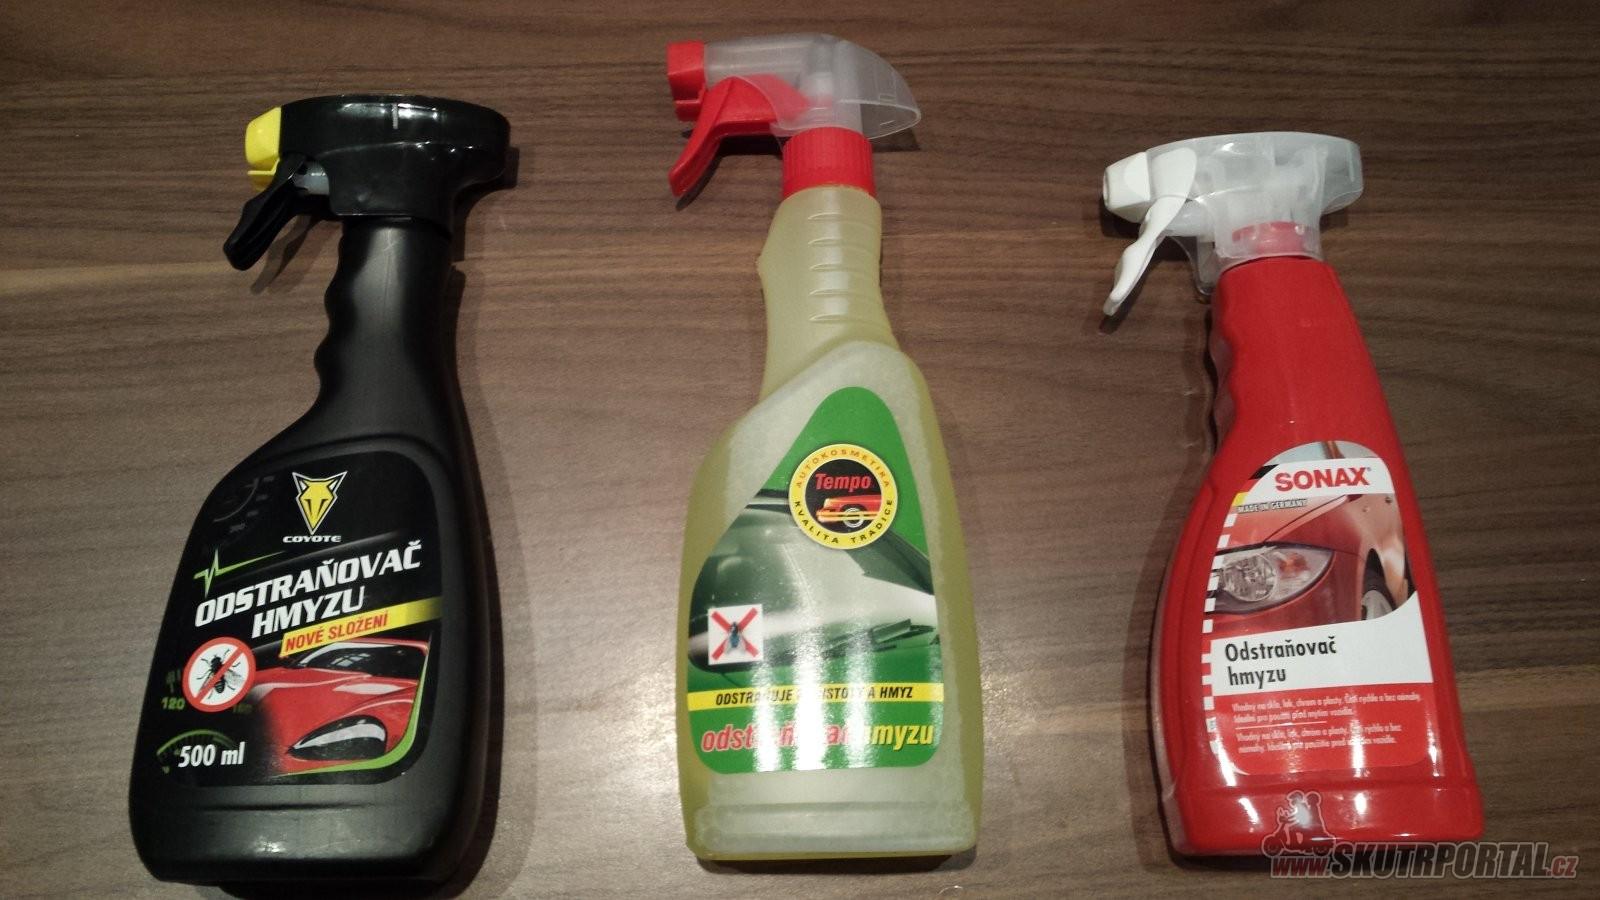 Malé srovnání přípravků na odstranění hmyzu